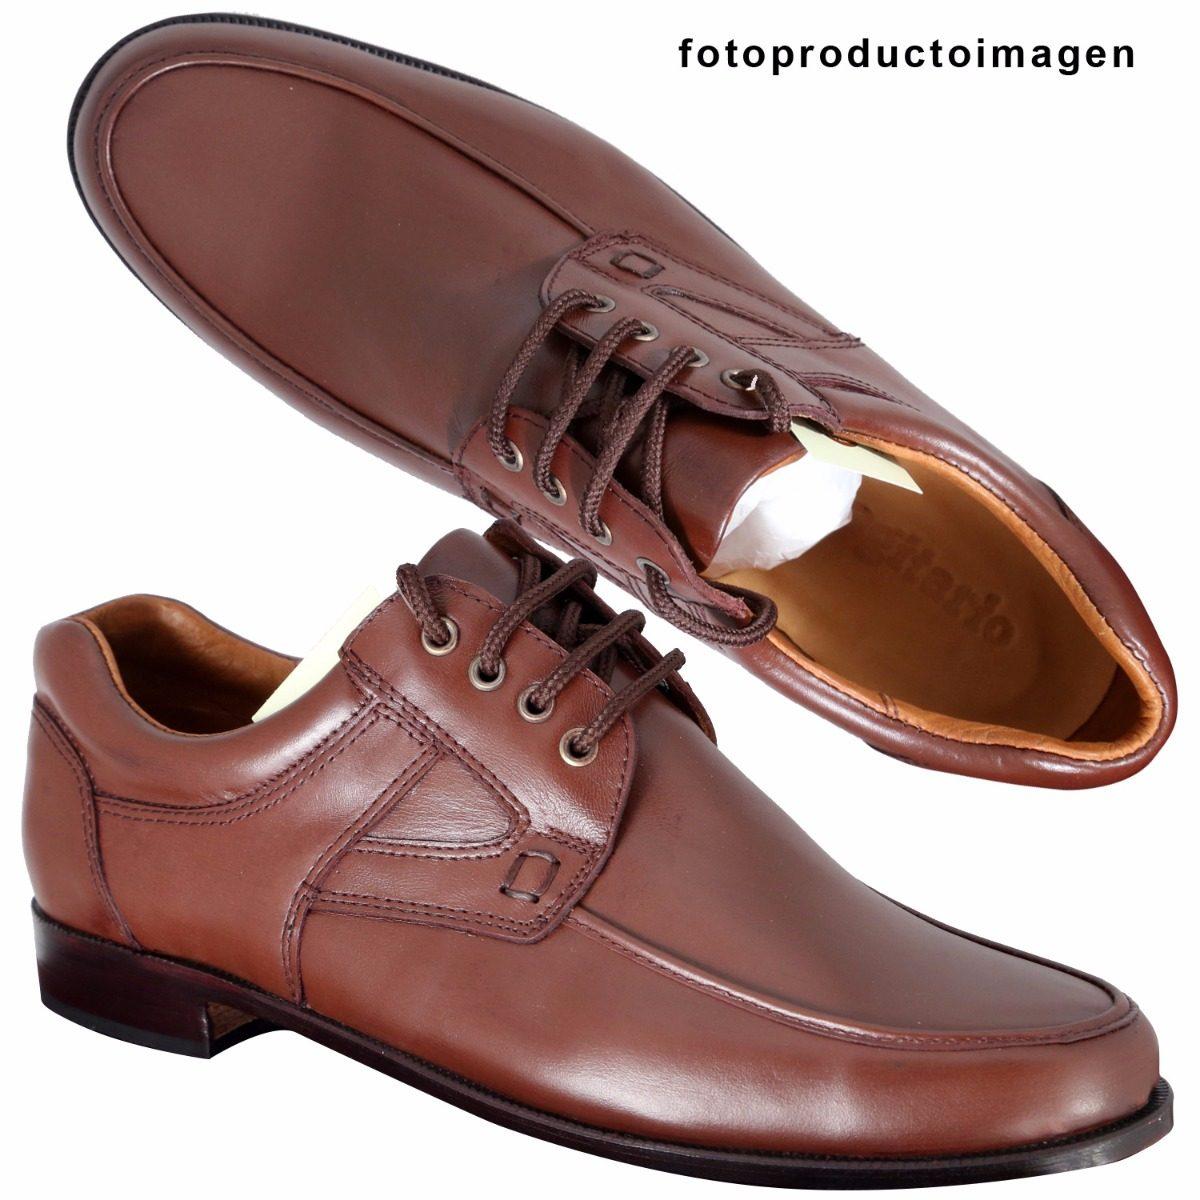 f163fc24 Zapato De Vestir - Hombre - Cuero Marrón - $ 3.590,00 en Mercado Libre